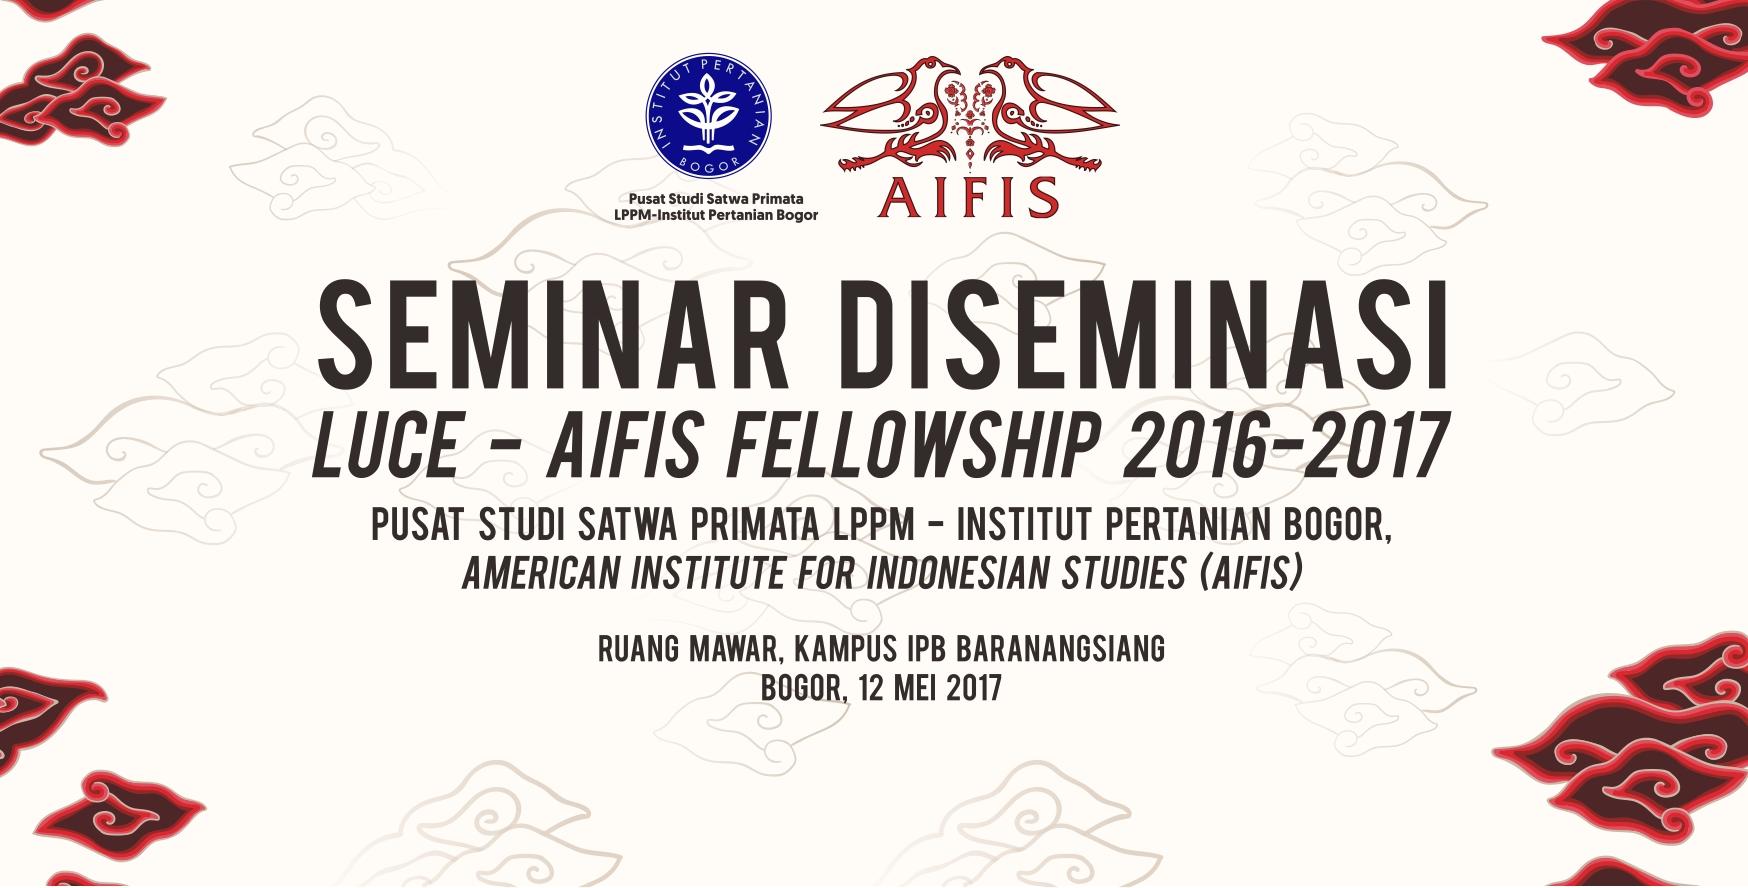 Seminar Diseminasi Luce - AIFIS Fellowship